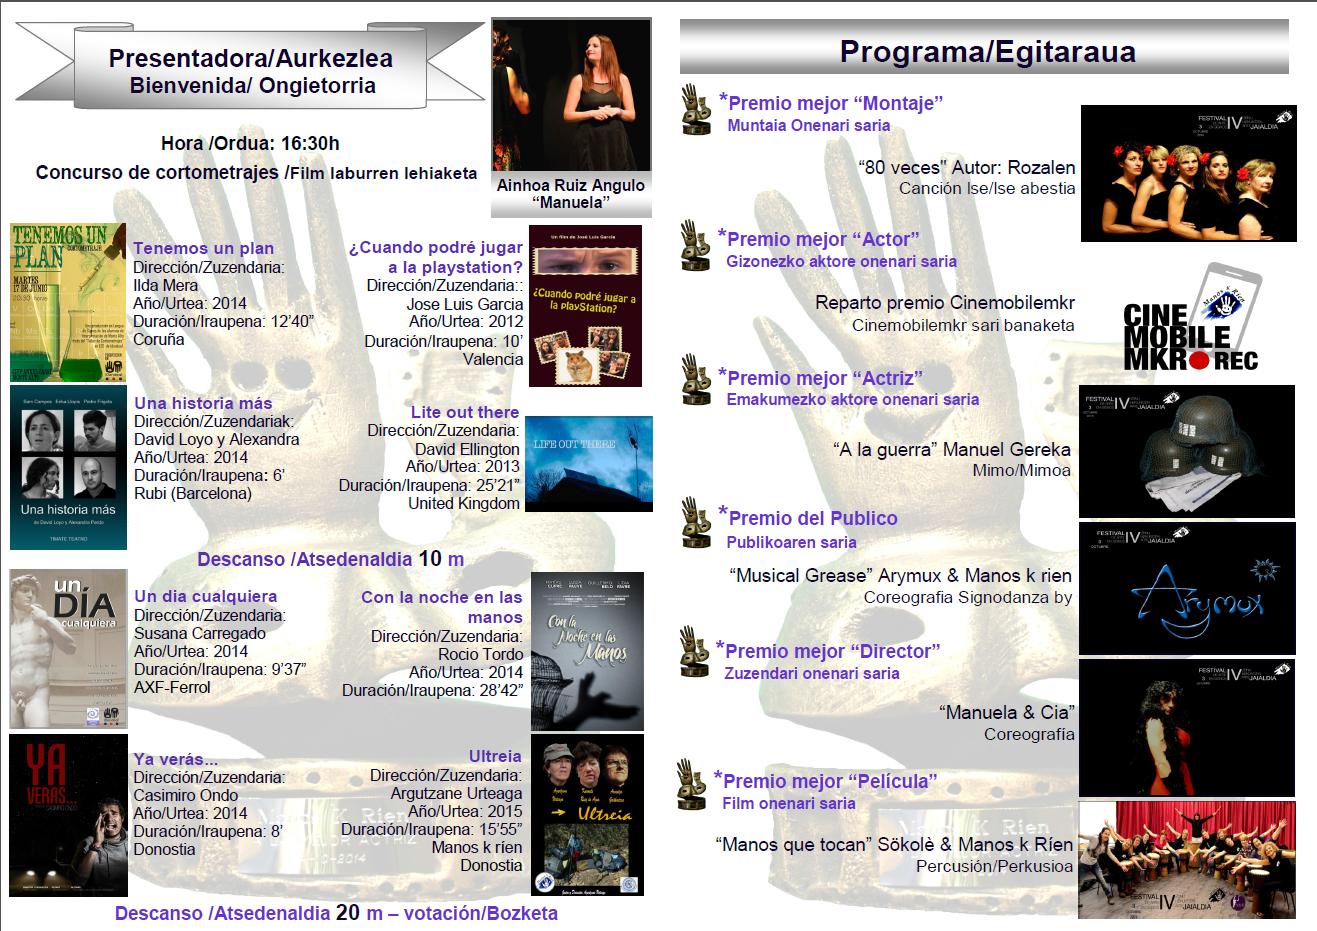 IV Festival de Arte en Signos - 3 de octubre, San Sebastián. FOLLETO%2BIV%2BFESTIVAL%2B2015